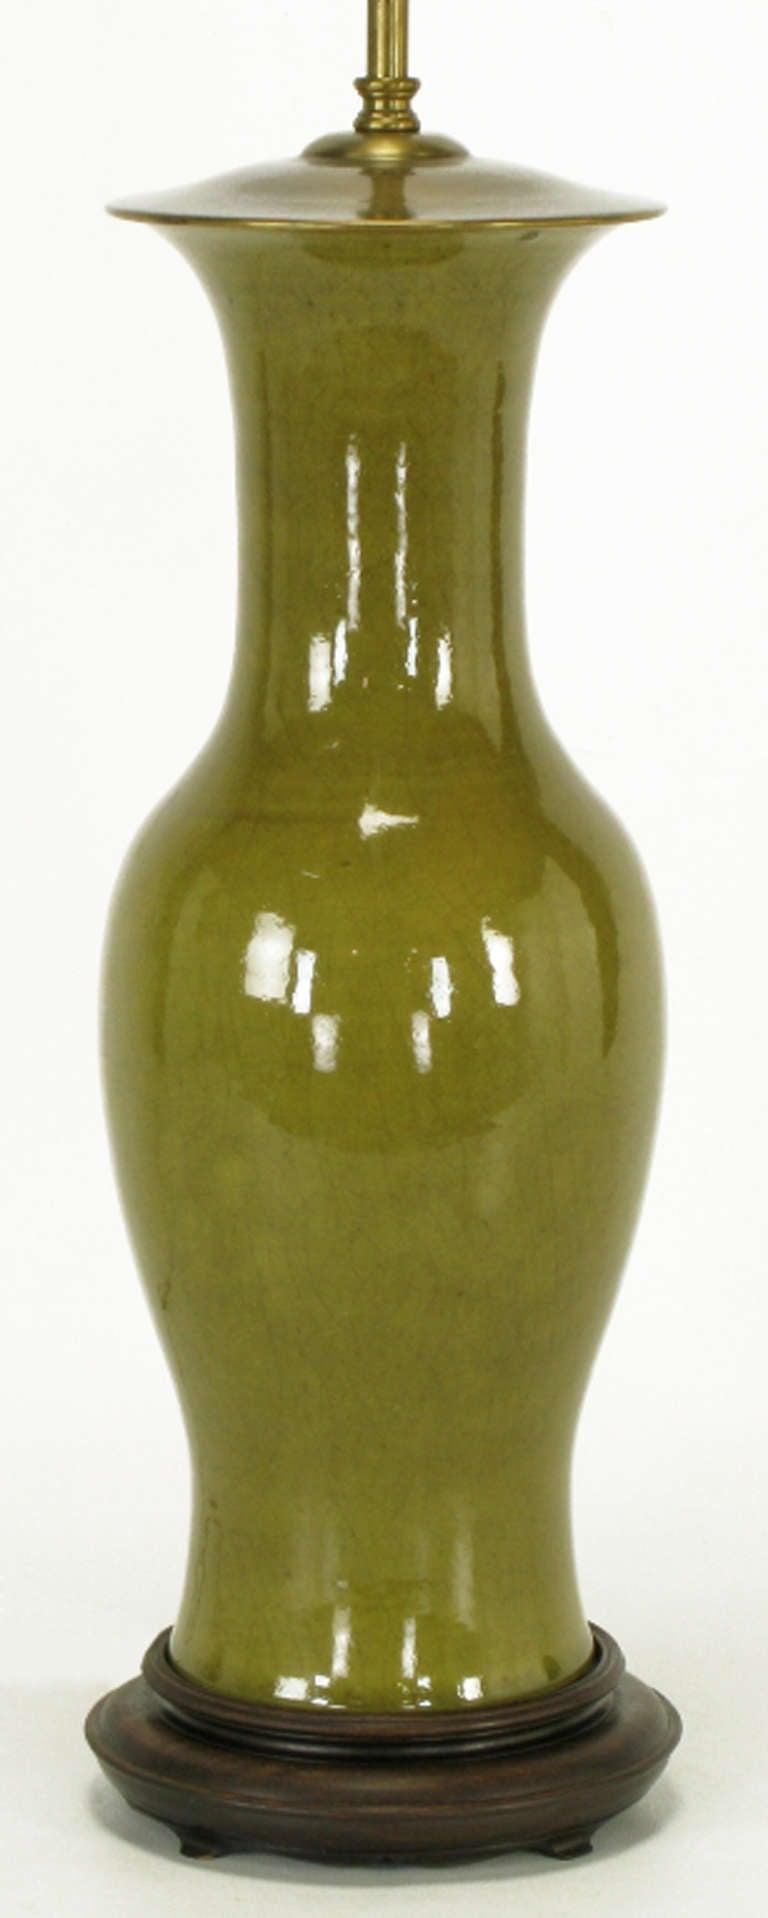 Warren Kessler Olive Green Crackle Glaze Table Lamp For Sale At 1stdibs